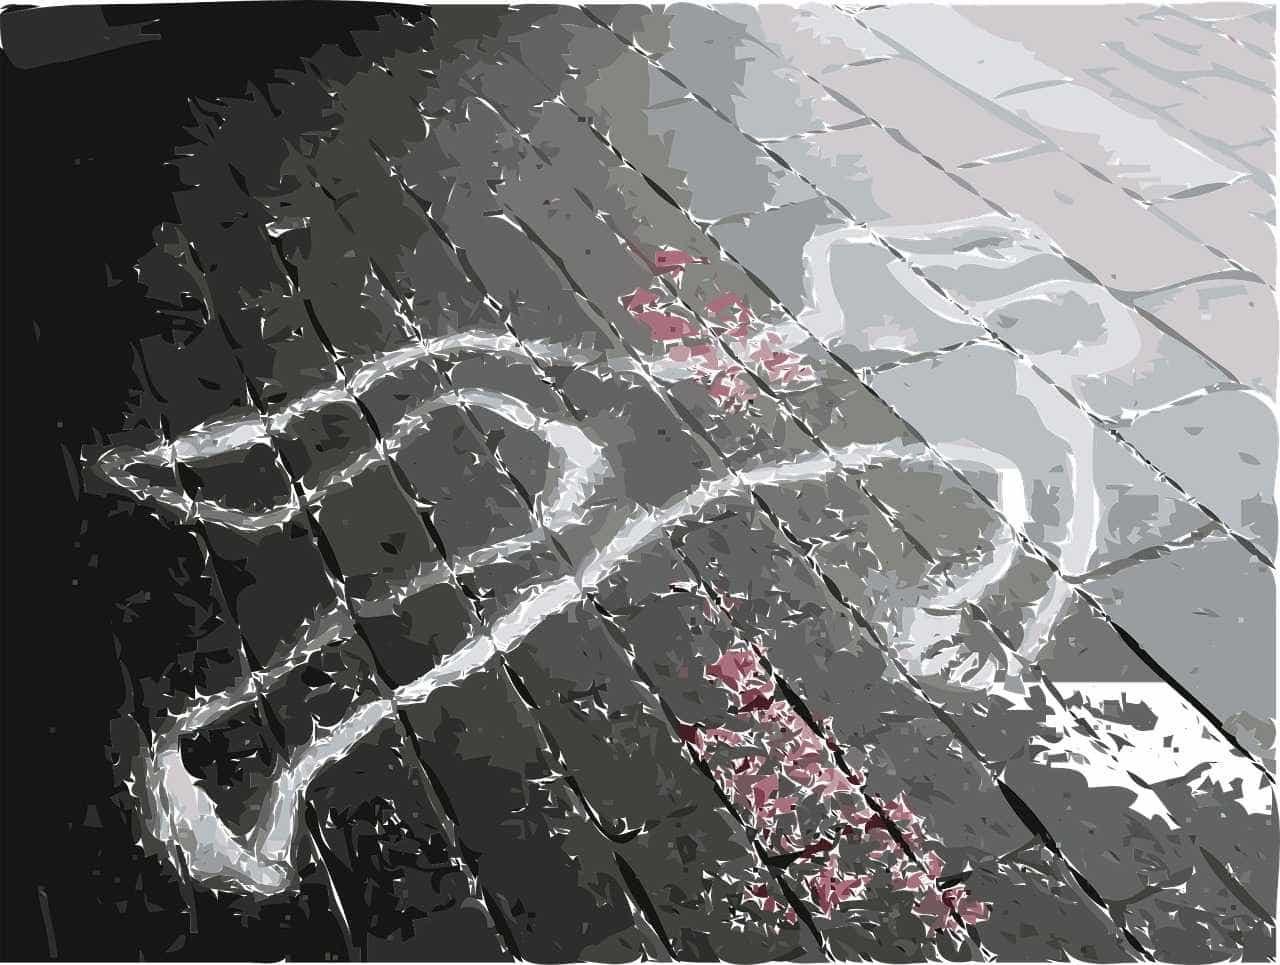 Policial rodoviário federal é morto na Baixada Fluminense